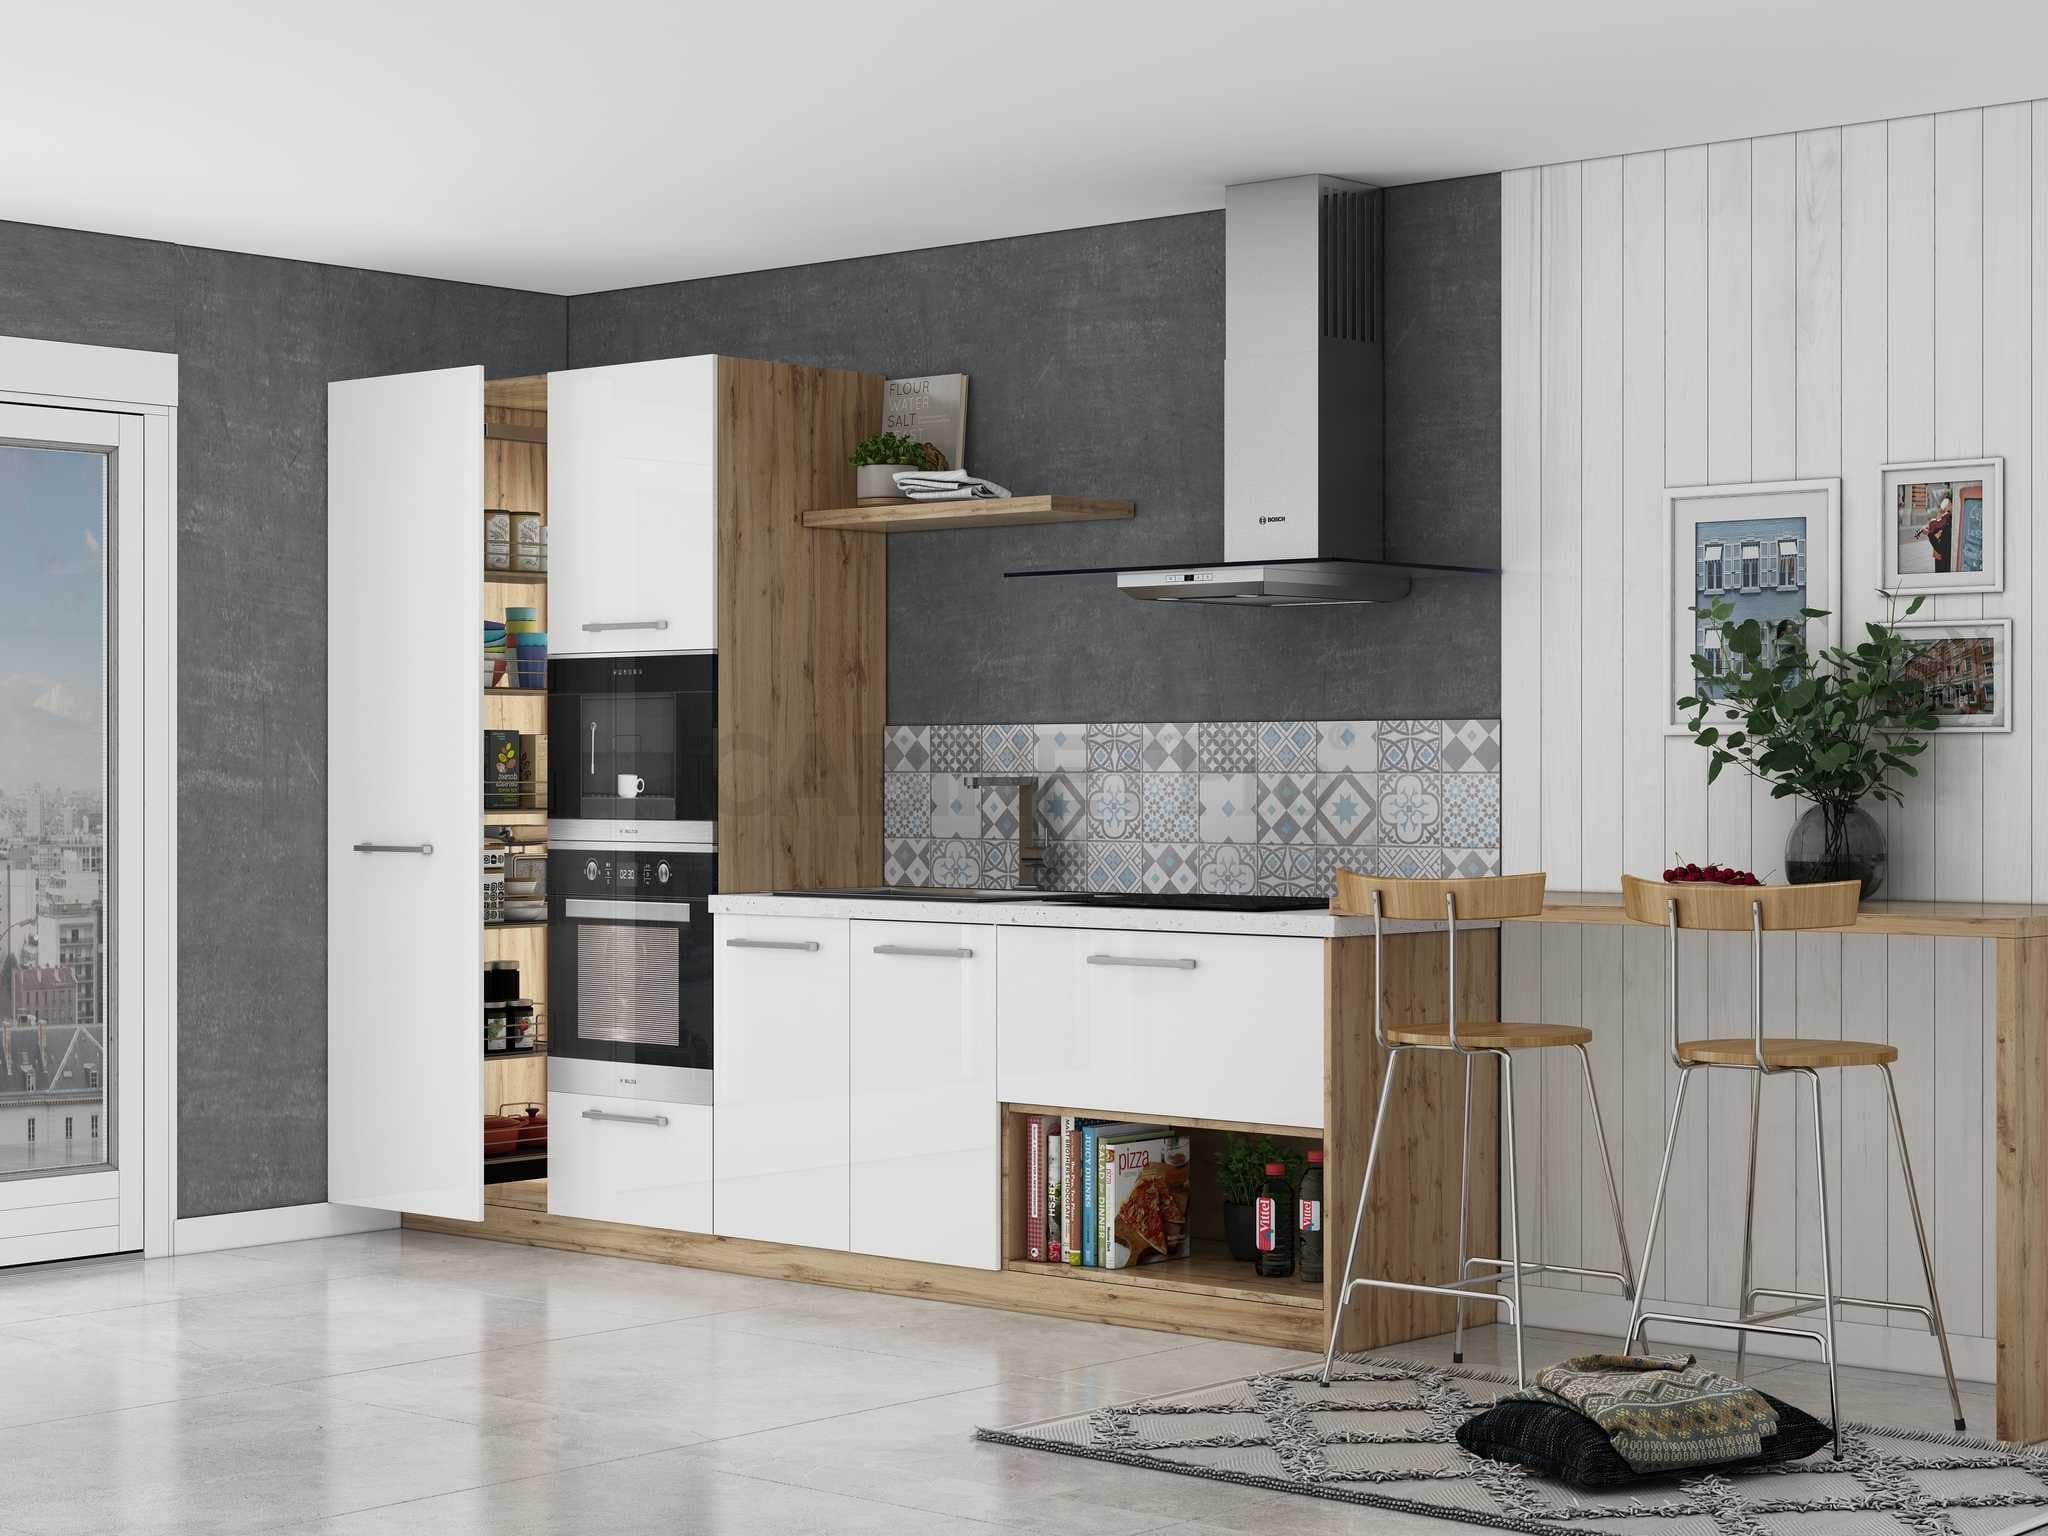 tủ bếp chữ I lượt bỏ tủ bếp trên